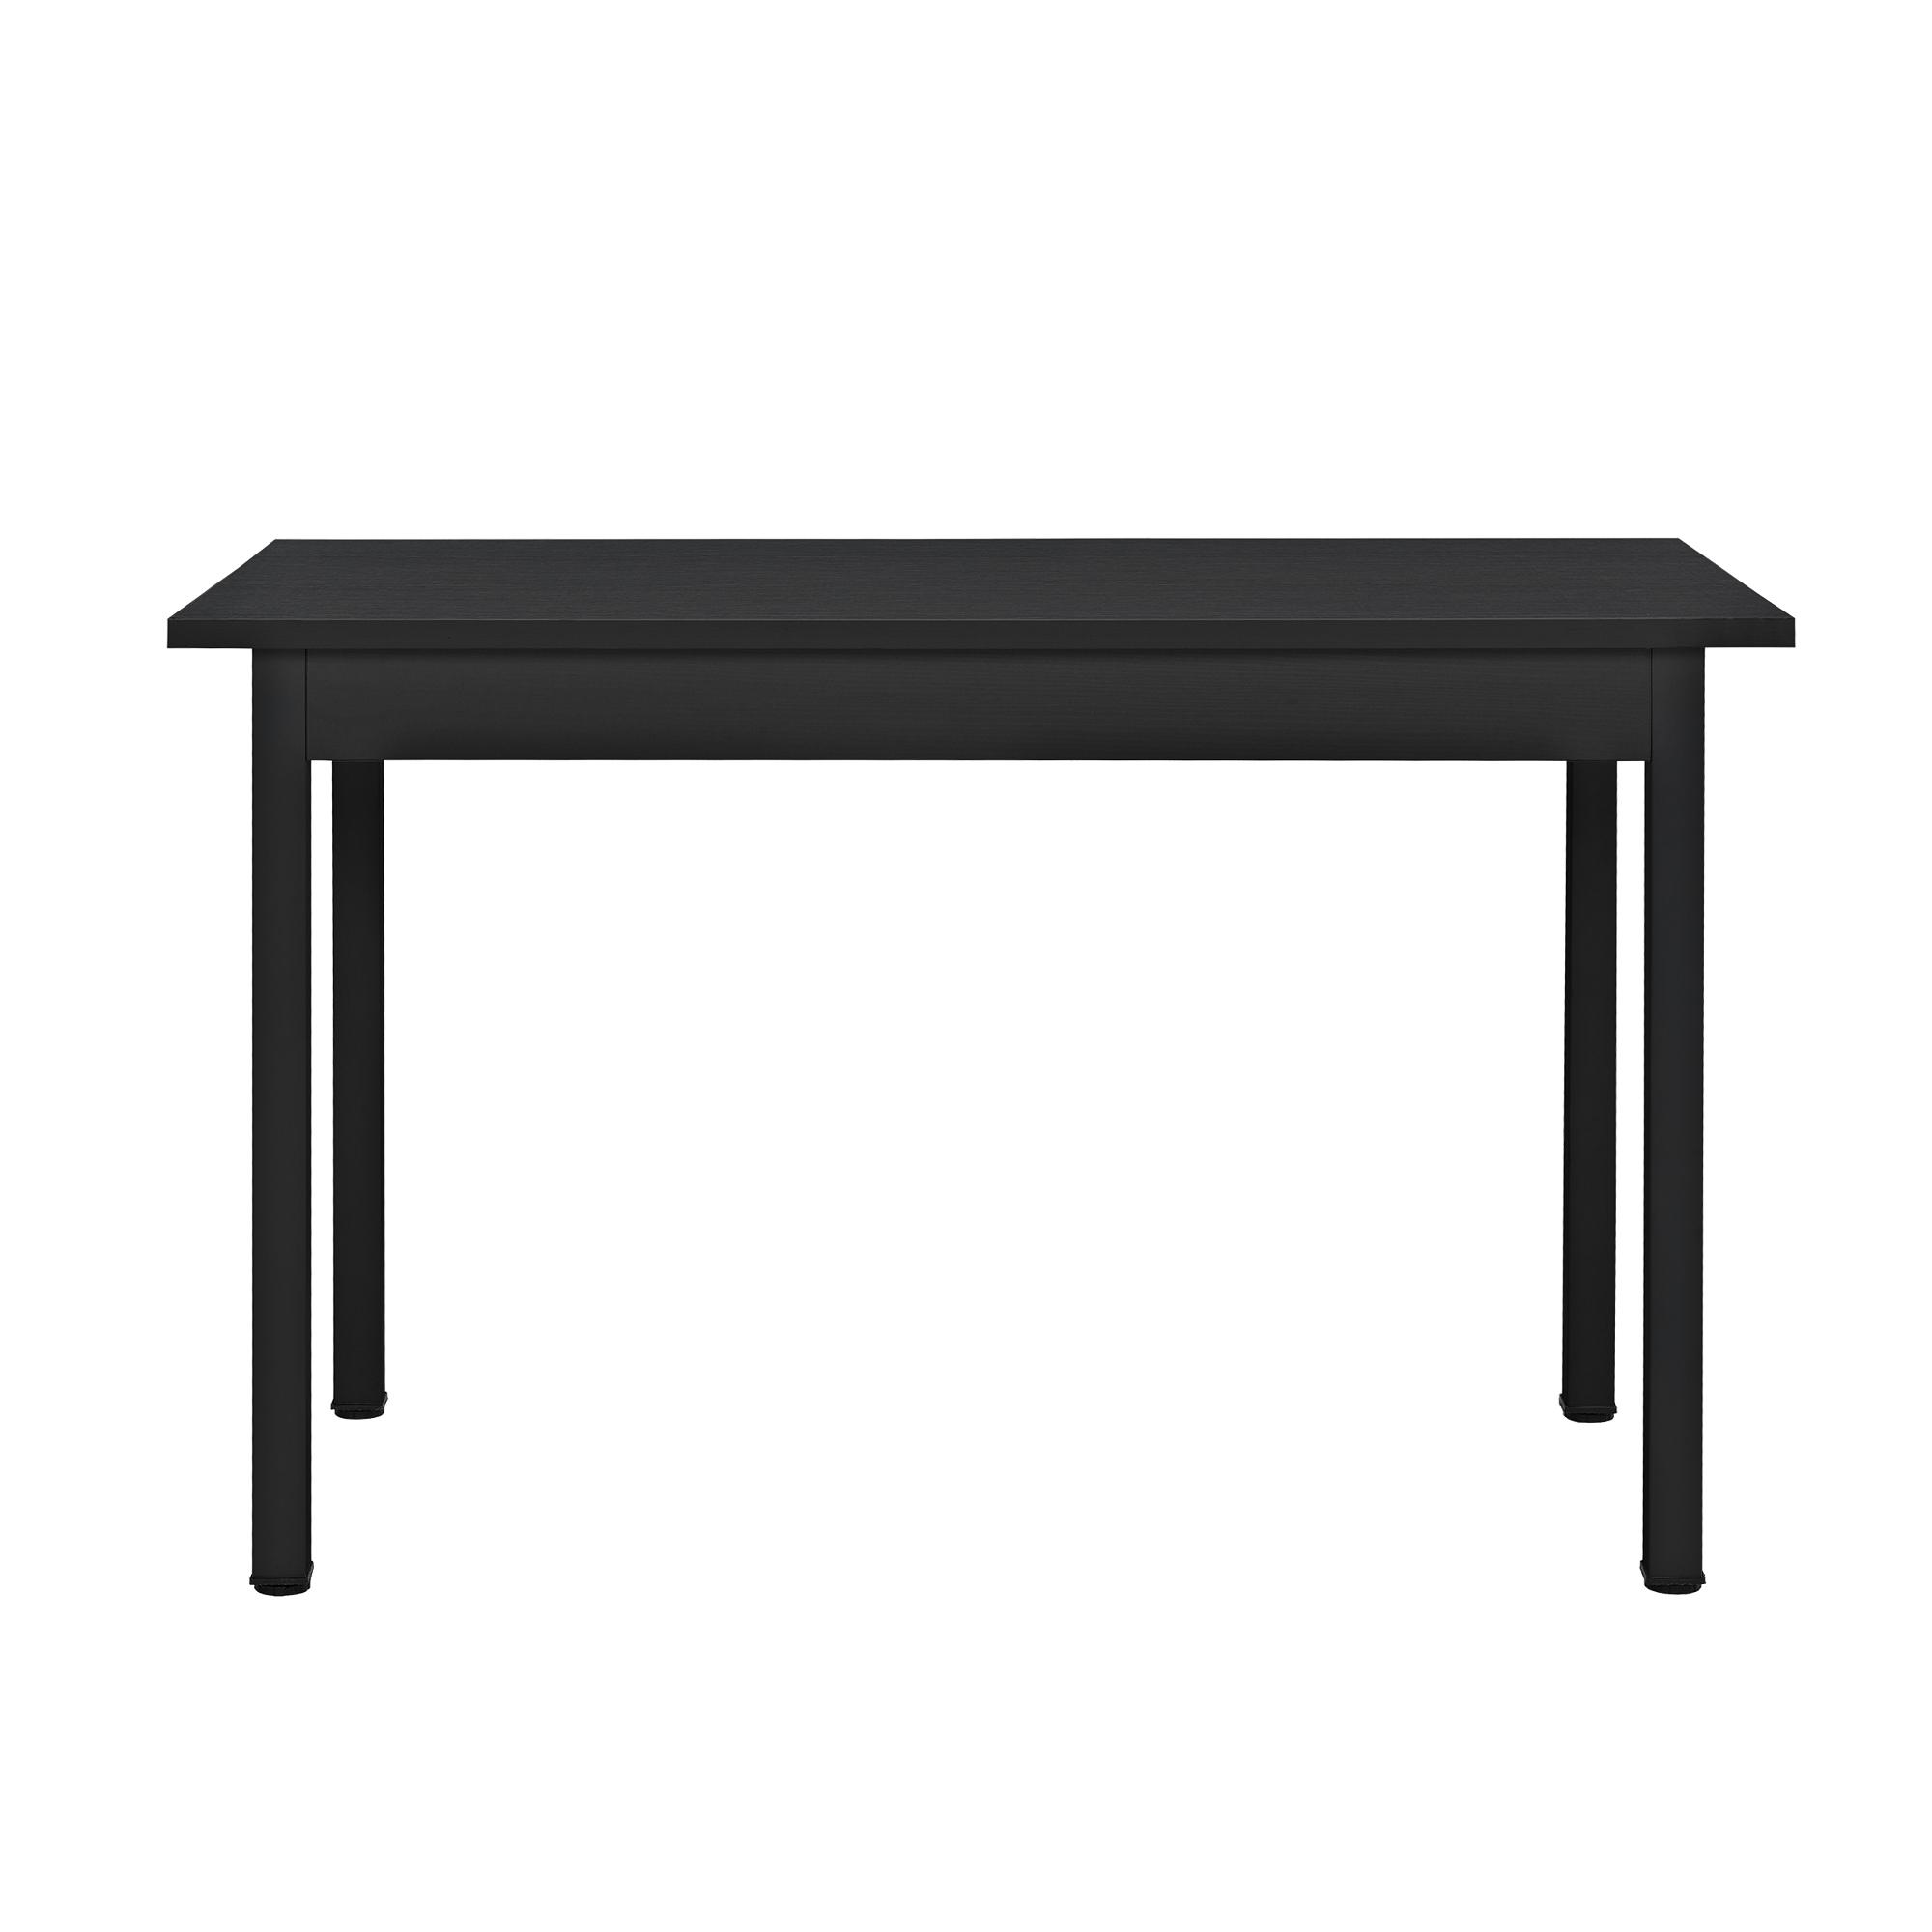 esstisch mit 4 st hlen schwarz 120x60cm k chentisch esszimmertisch ebay. Black Bedroom Furniture Sets. Home Design Ideas